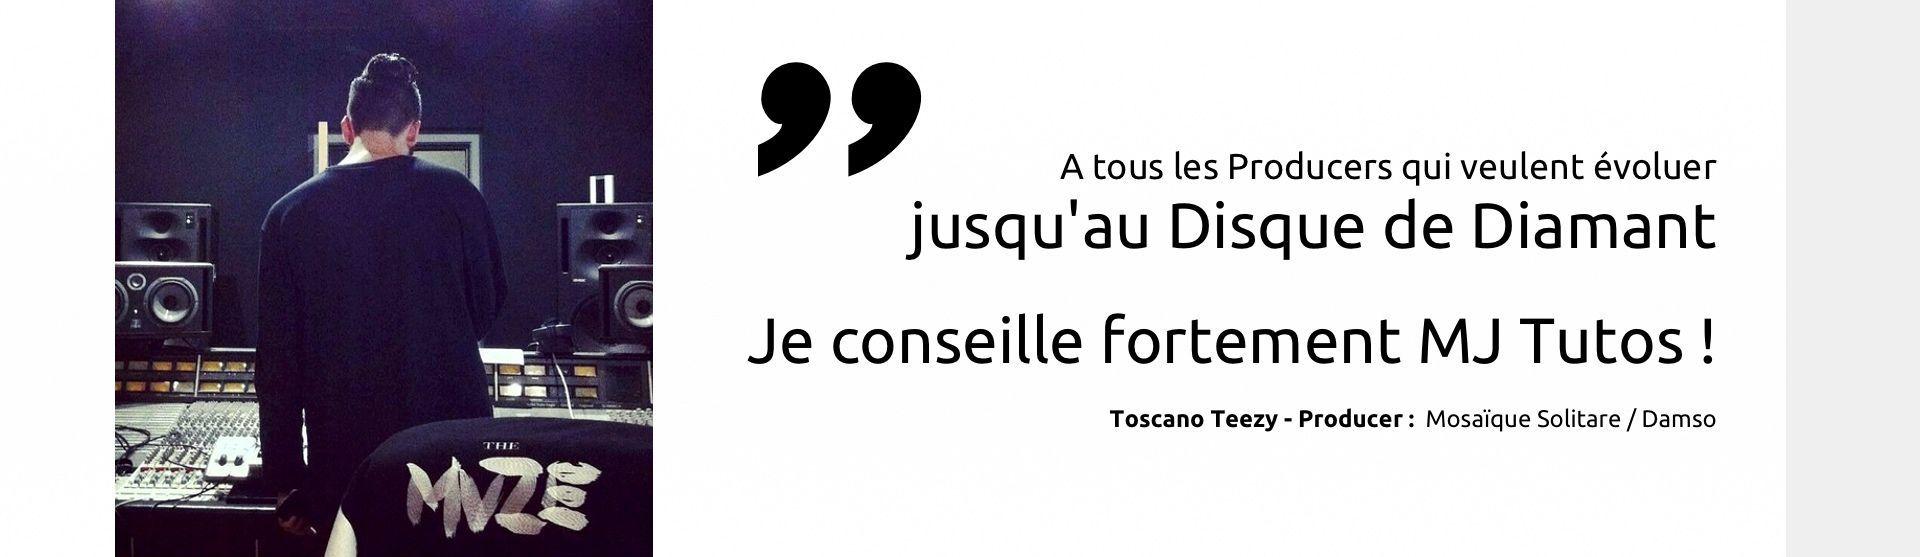 Toscano Teezy <span>recommande MJ Tutoriels</span>